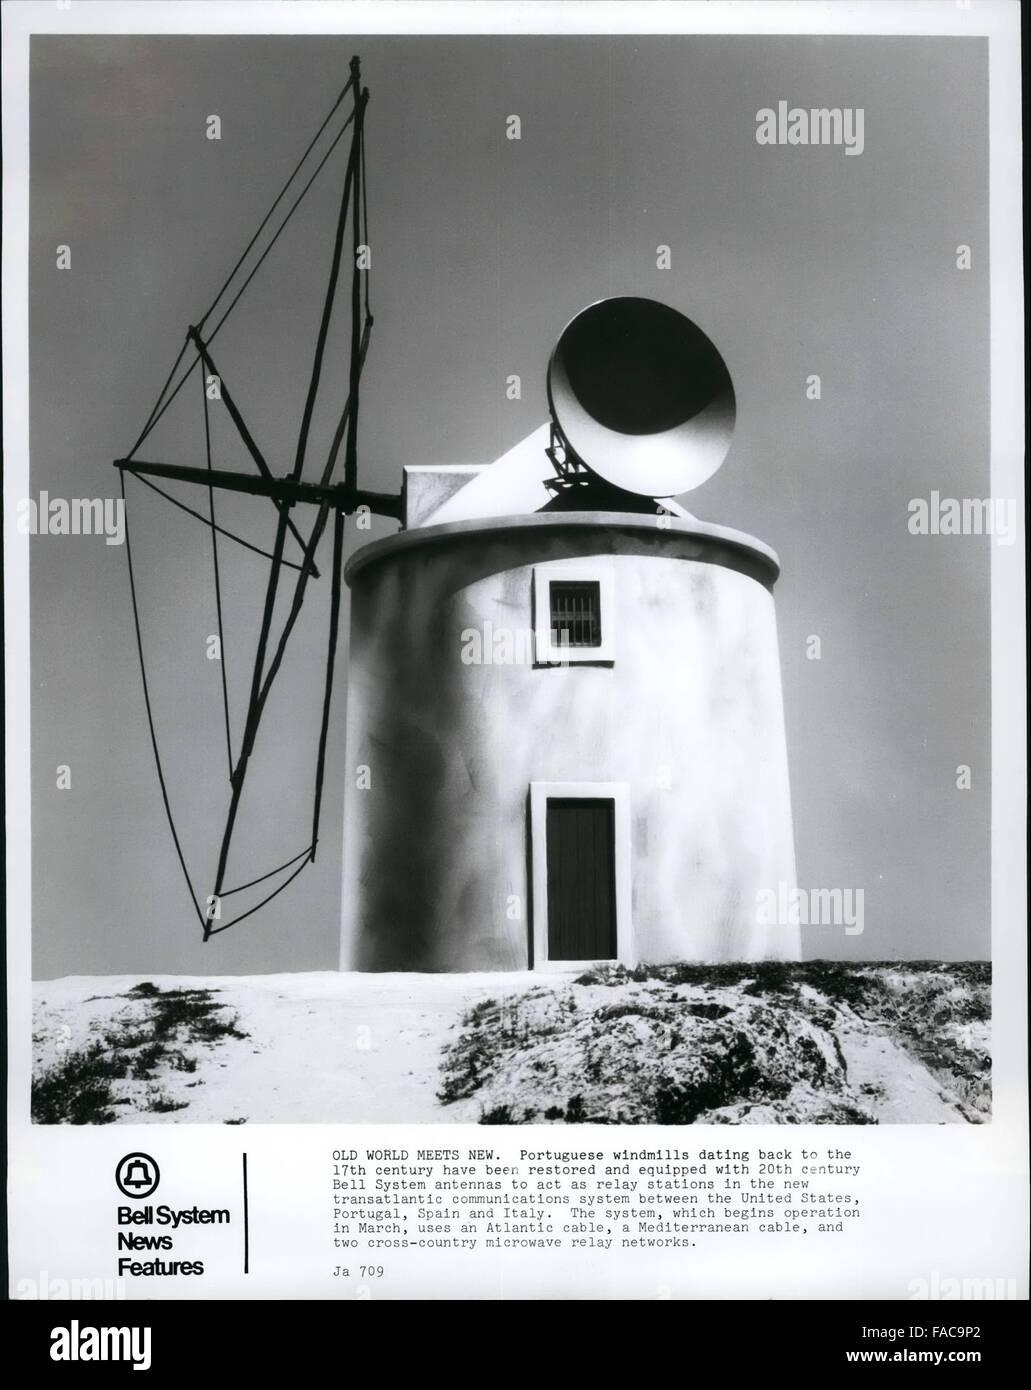 17 Jahrhundert Bild Architektur: Alte Welt Trifft Neue: Portugiesische Windmühlen